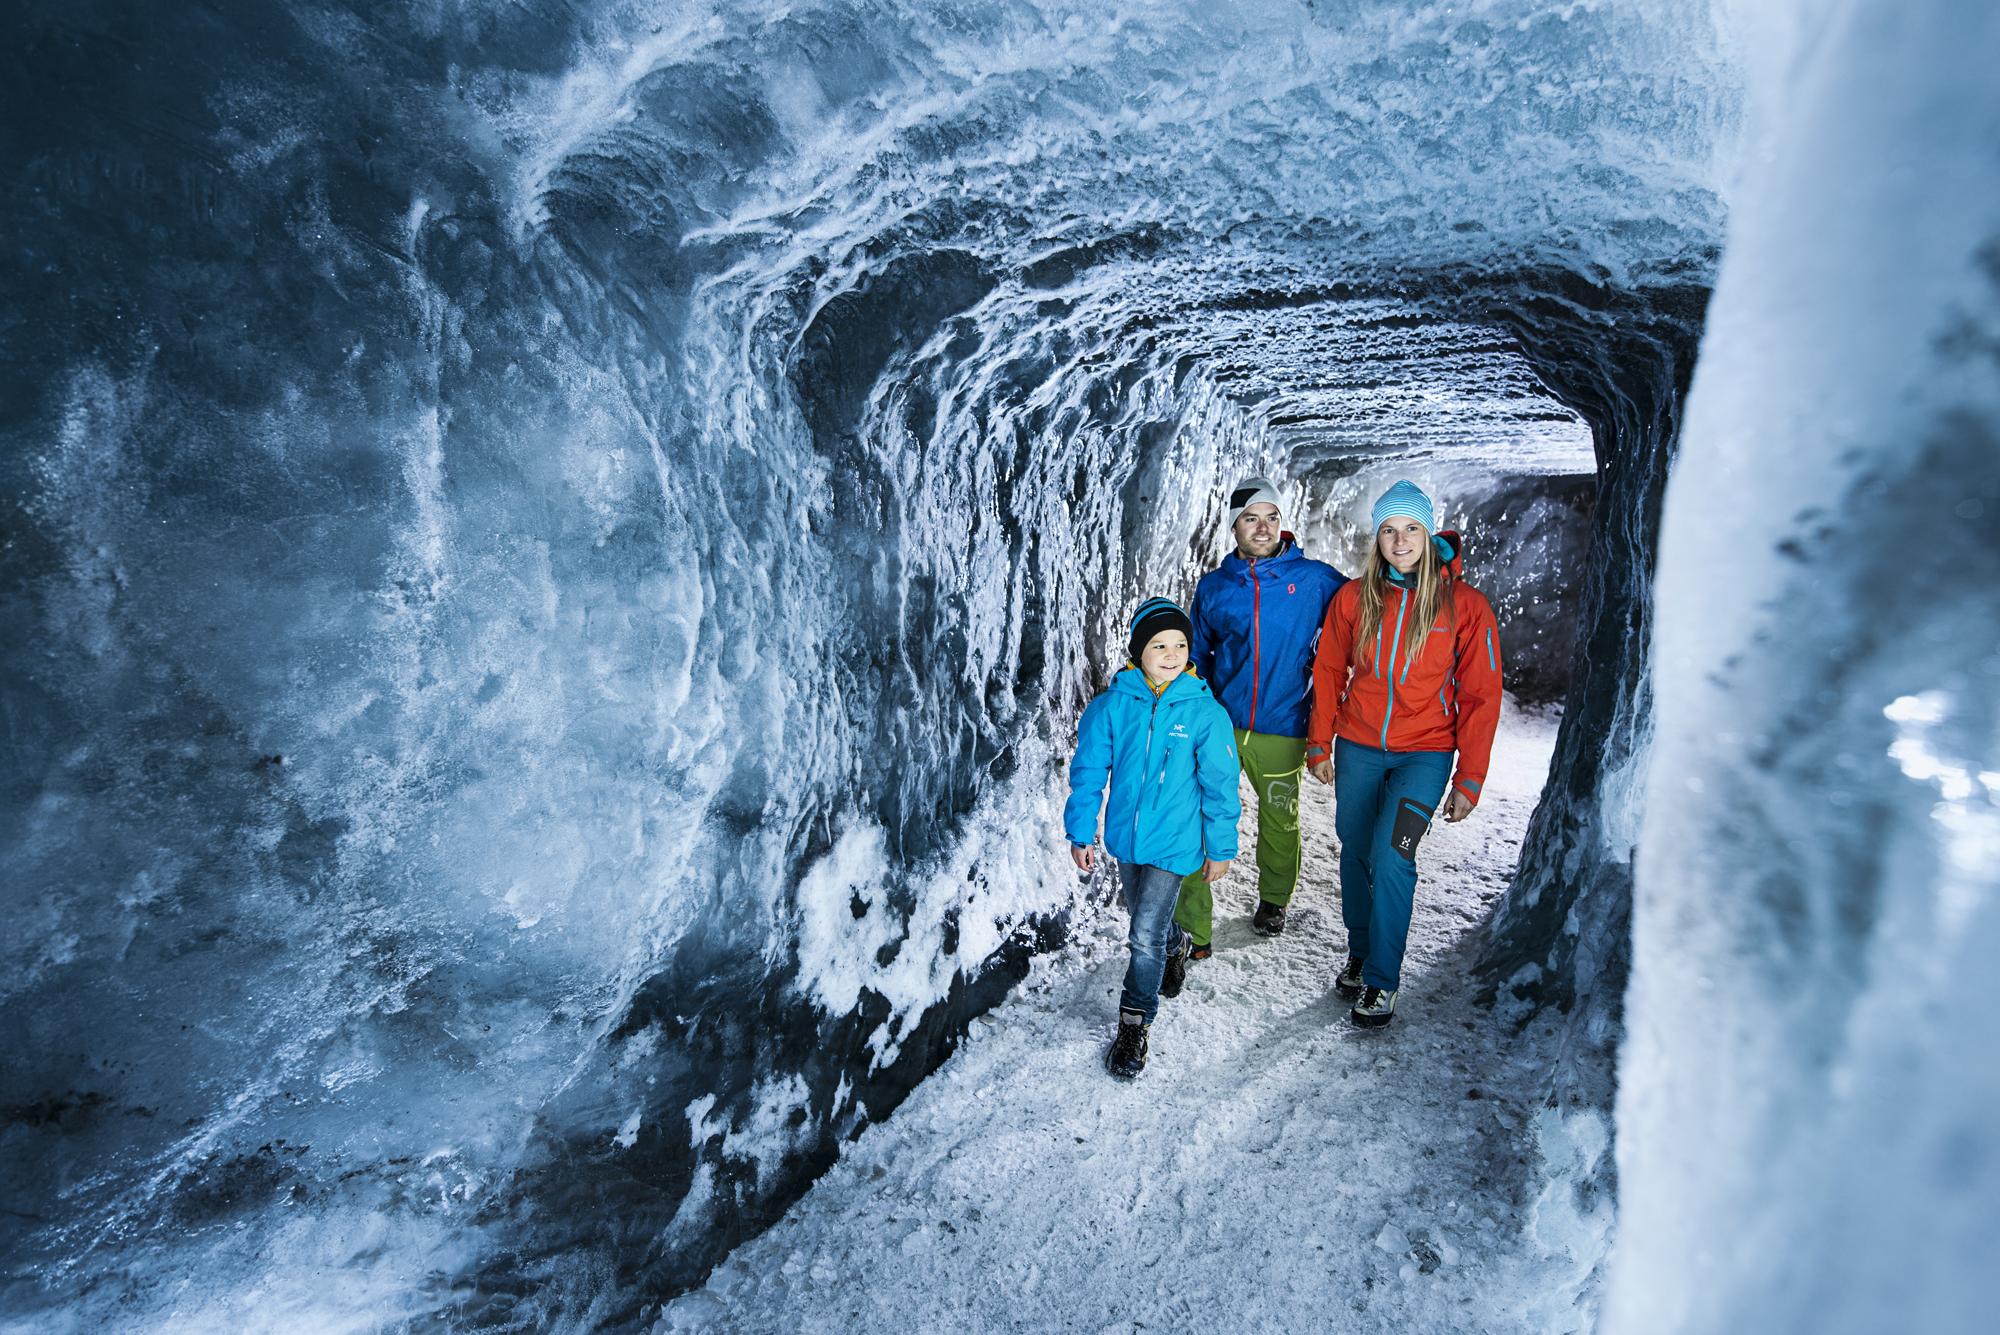 eisgrotte-stubaier-gletscher--stubaier-gletscher-andre-schoenherr.jpg